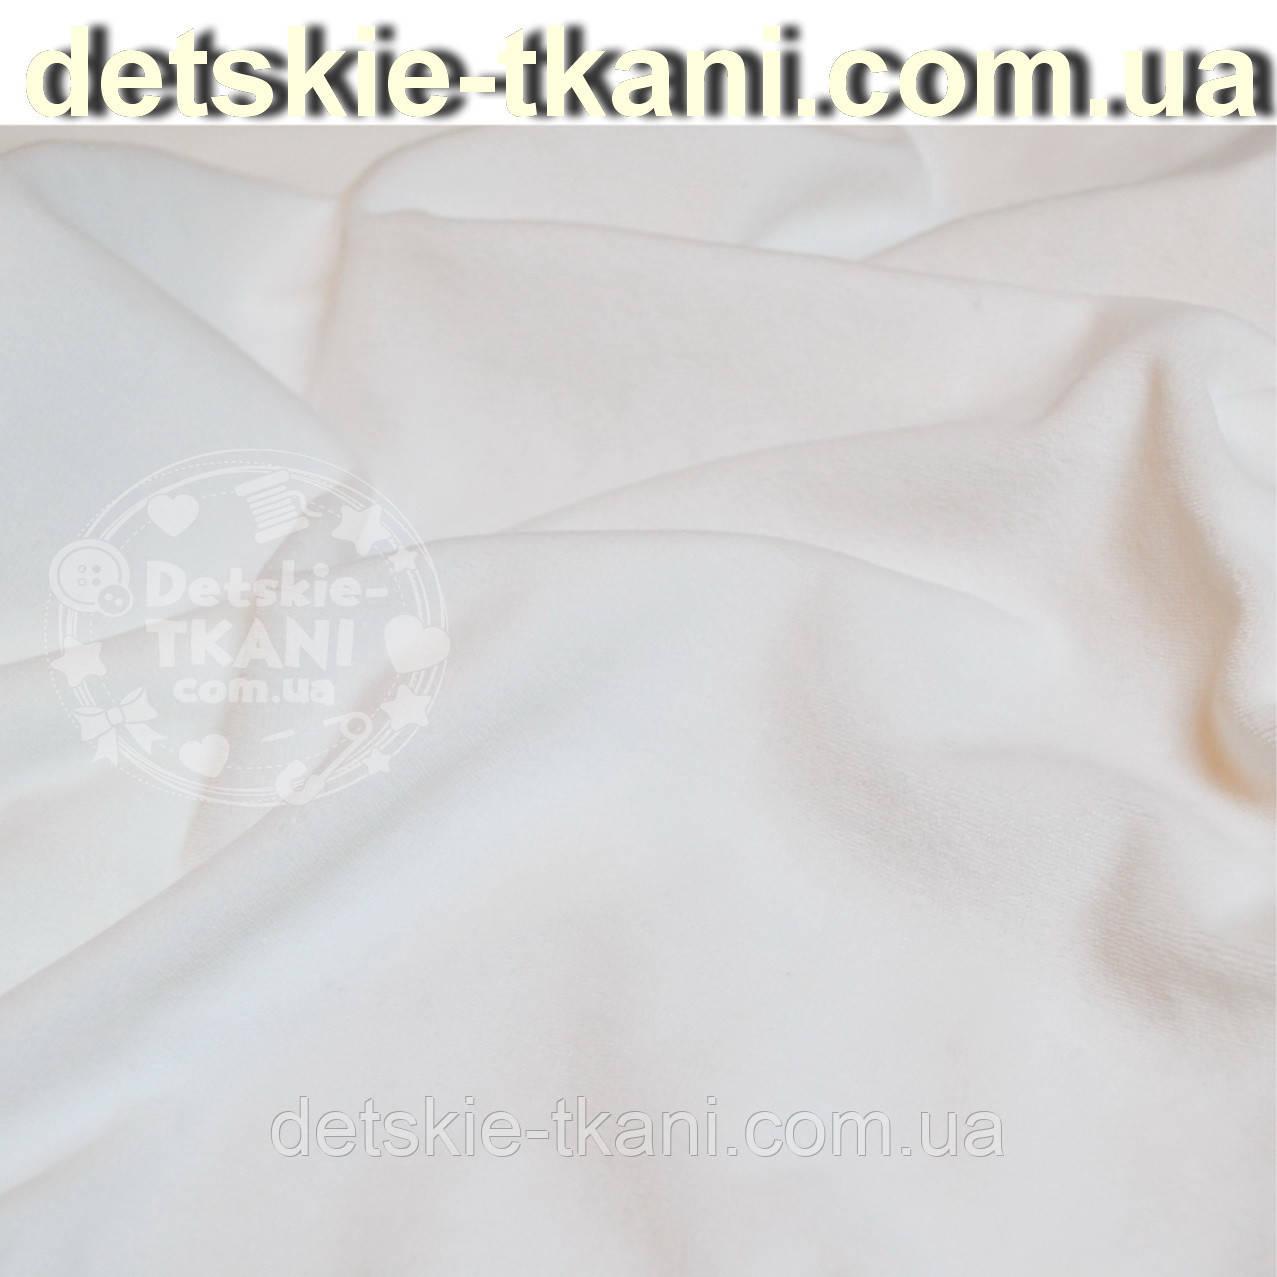 Трикотажное полотно велюр молочного цвета (Польша)